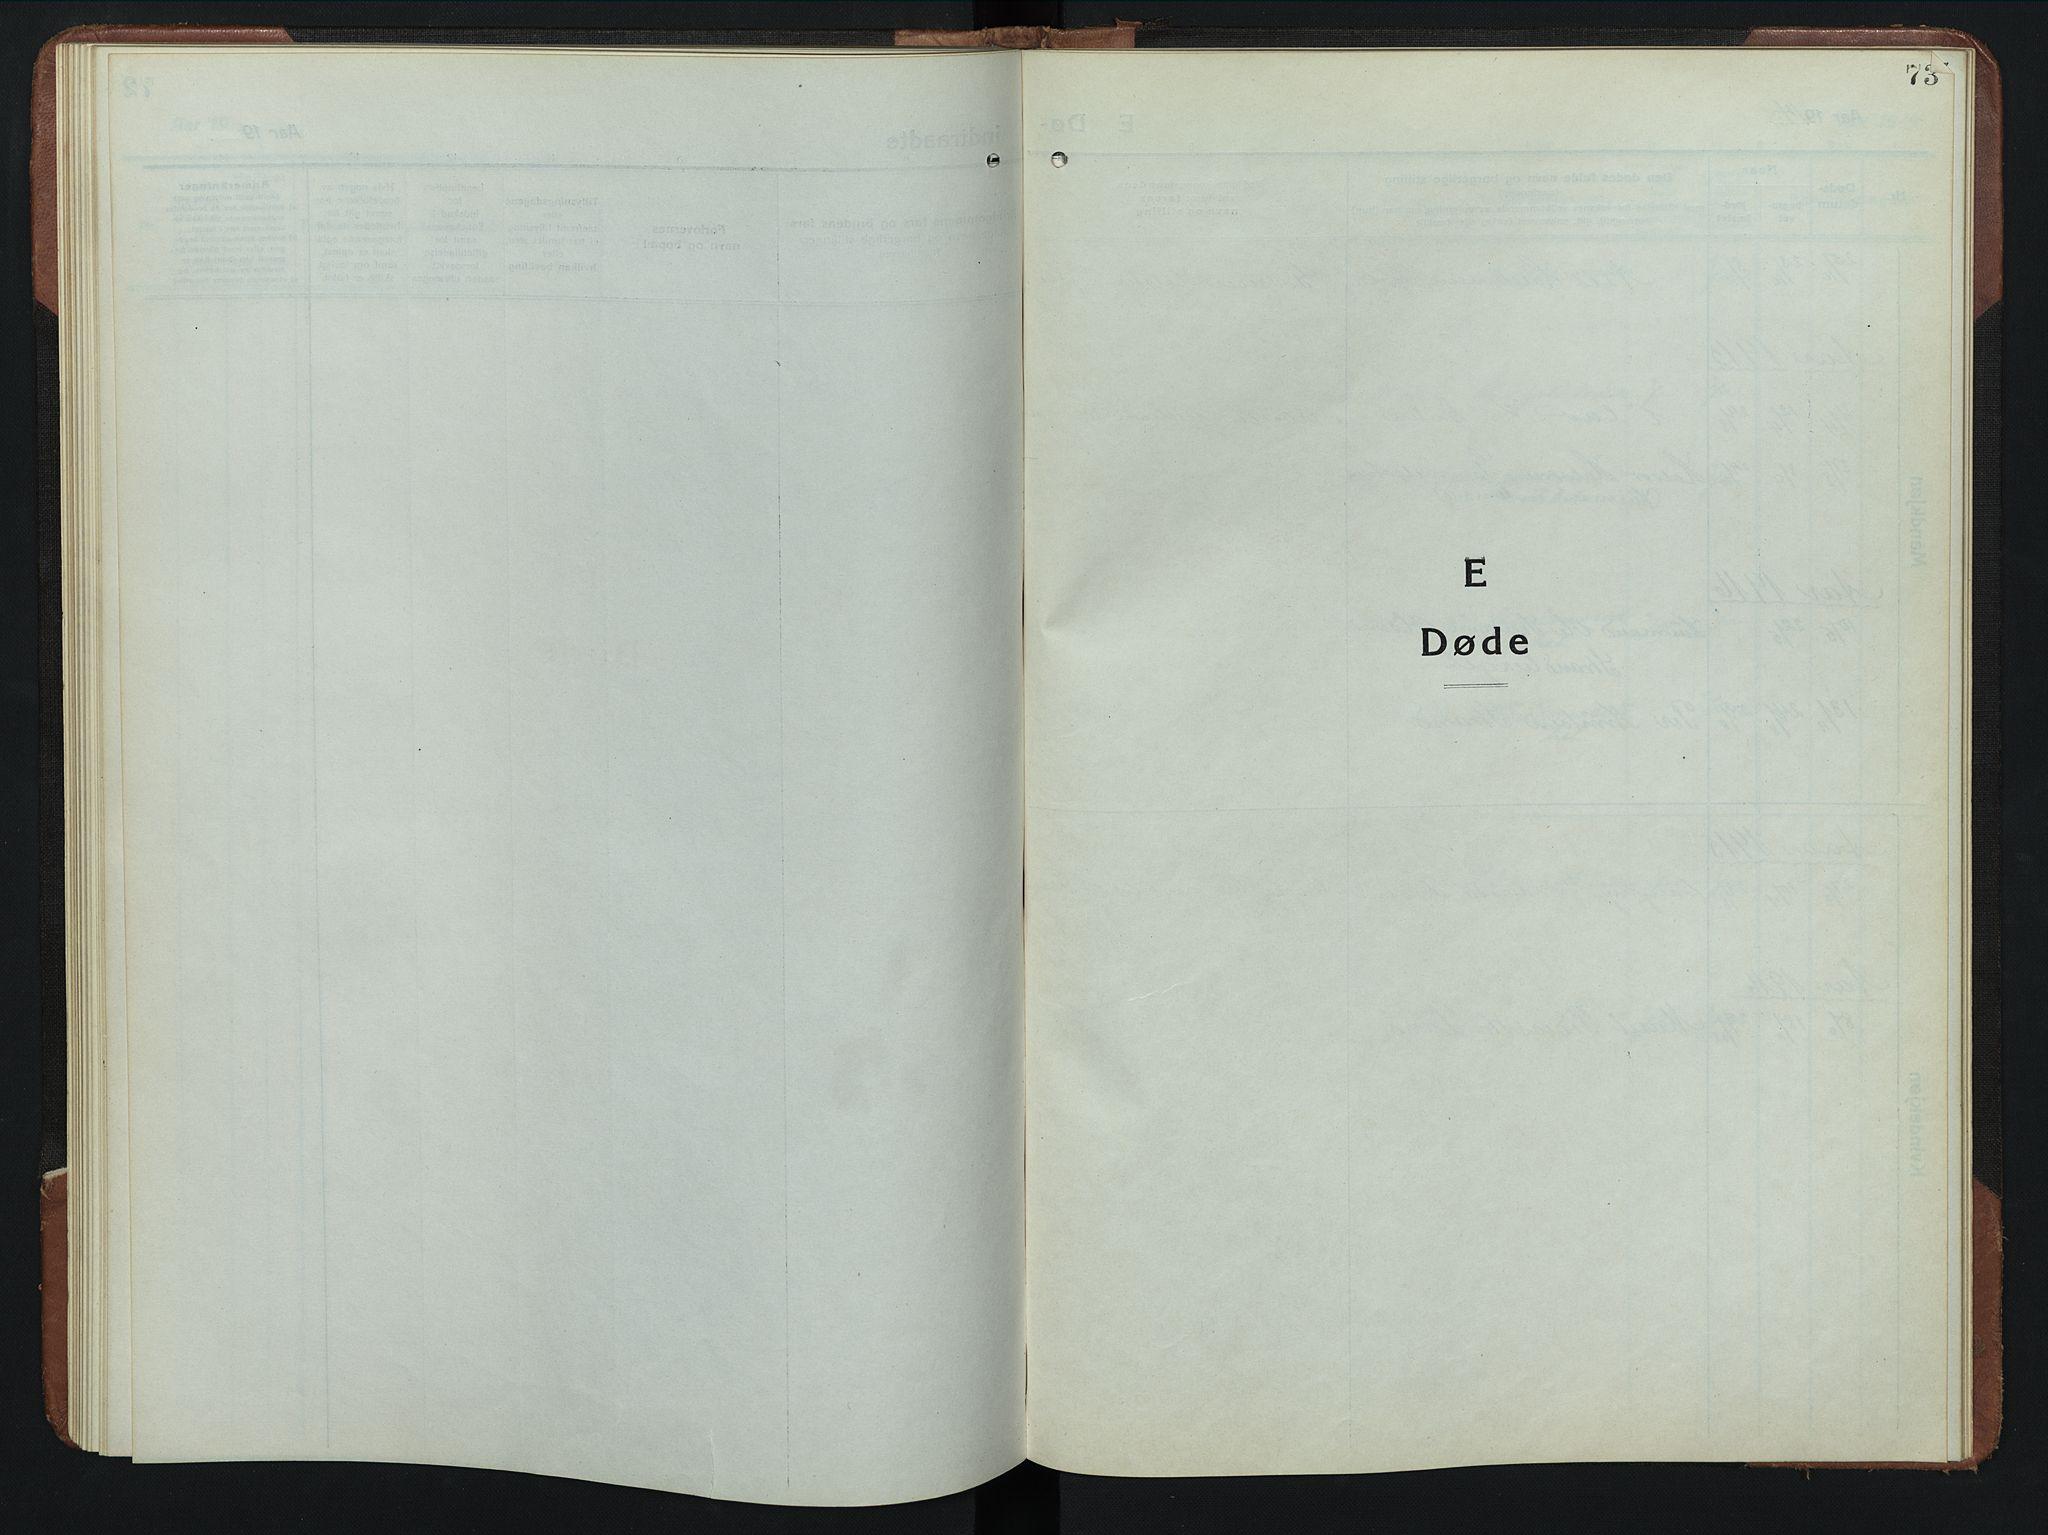 SAH, Rendalen prestekontor, H/Ha/Hab/L0008: Klokkerbok nr. 8, 1914-1948, s. 73